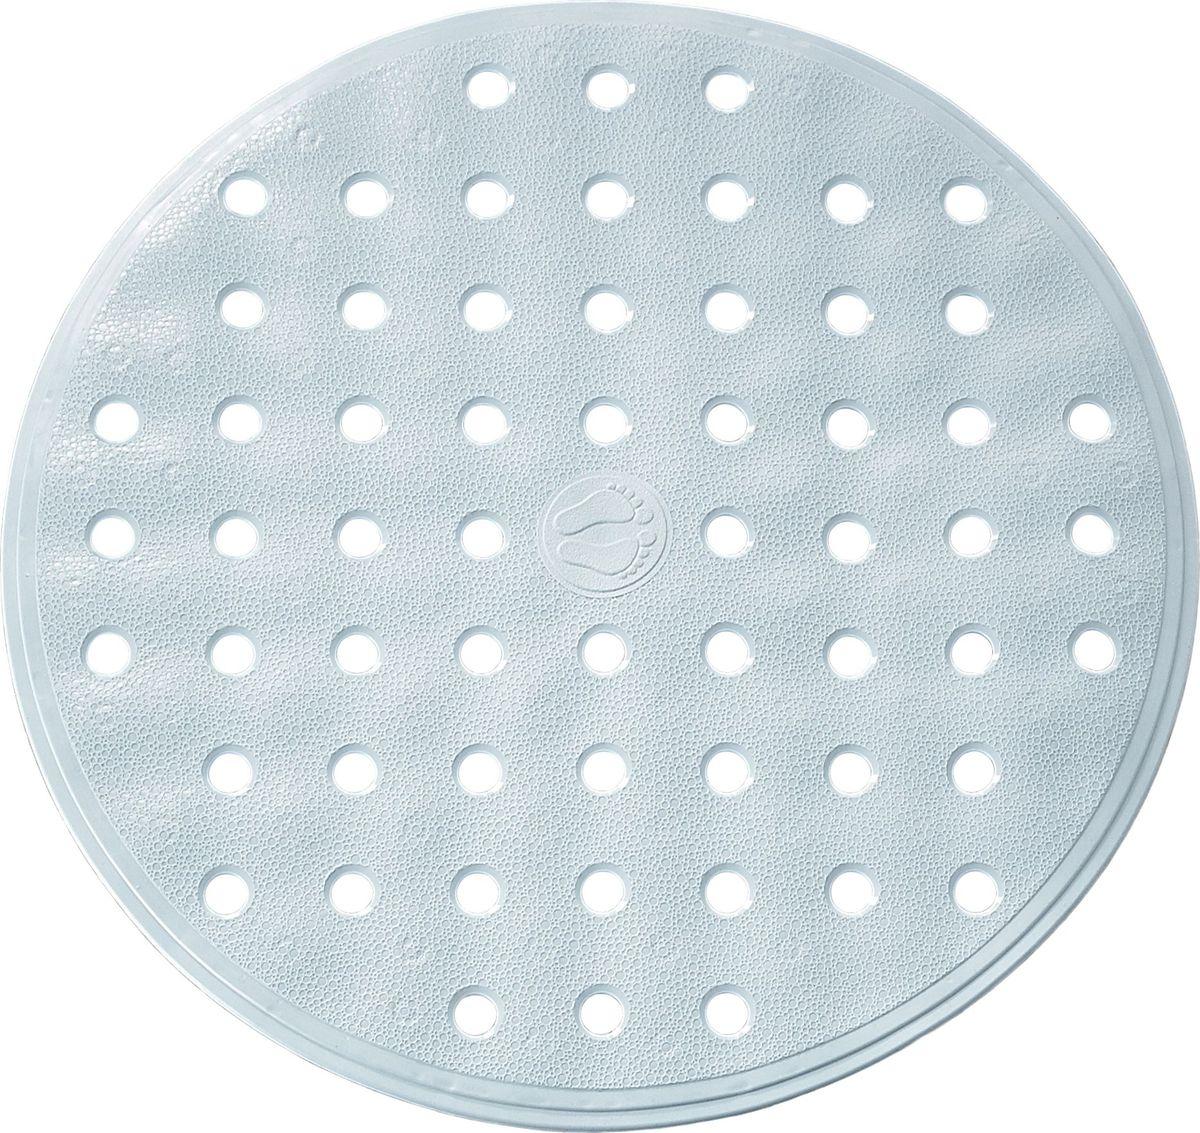 Коврик для ванной Ridder Action, противоскользящий, цвет: серый, диаметр 53 см babyono коврик противоскользящий для ванной цвет зеленый 55 х 35 см